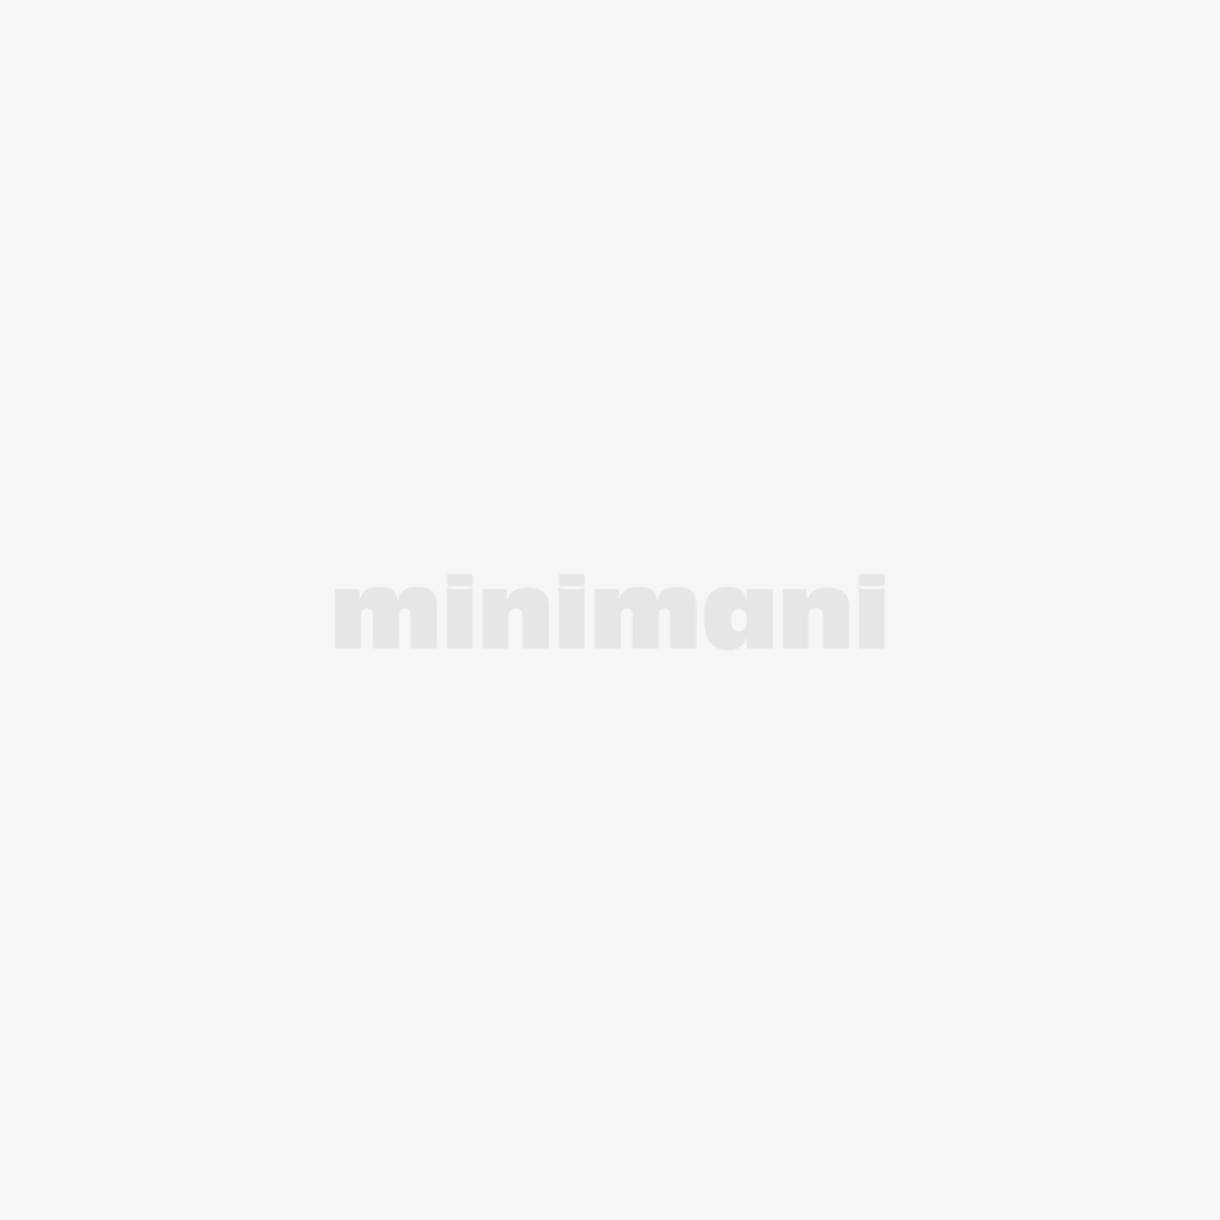 CROSSBOW NAISTEN TUKIHOUSU LAHKEELLA, MUSTA, KOOT S/M JA L/XL